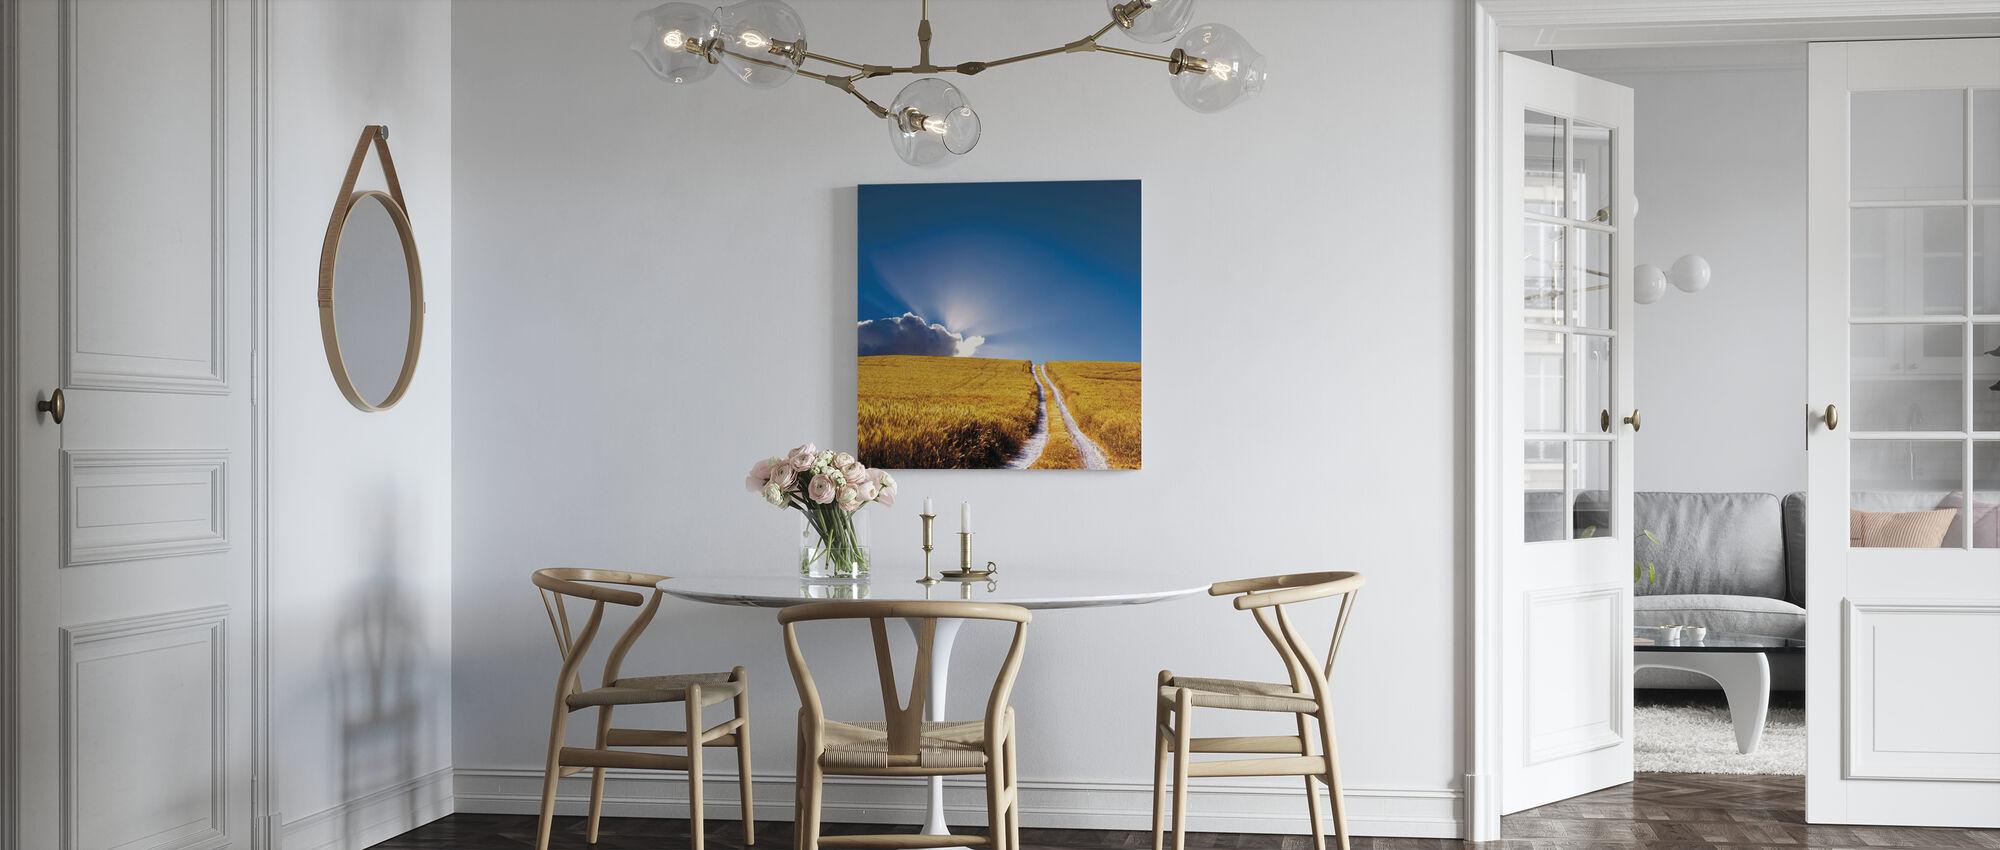 Landschap aanzicht - Canvas print - Keuken